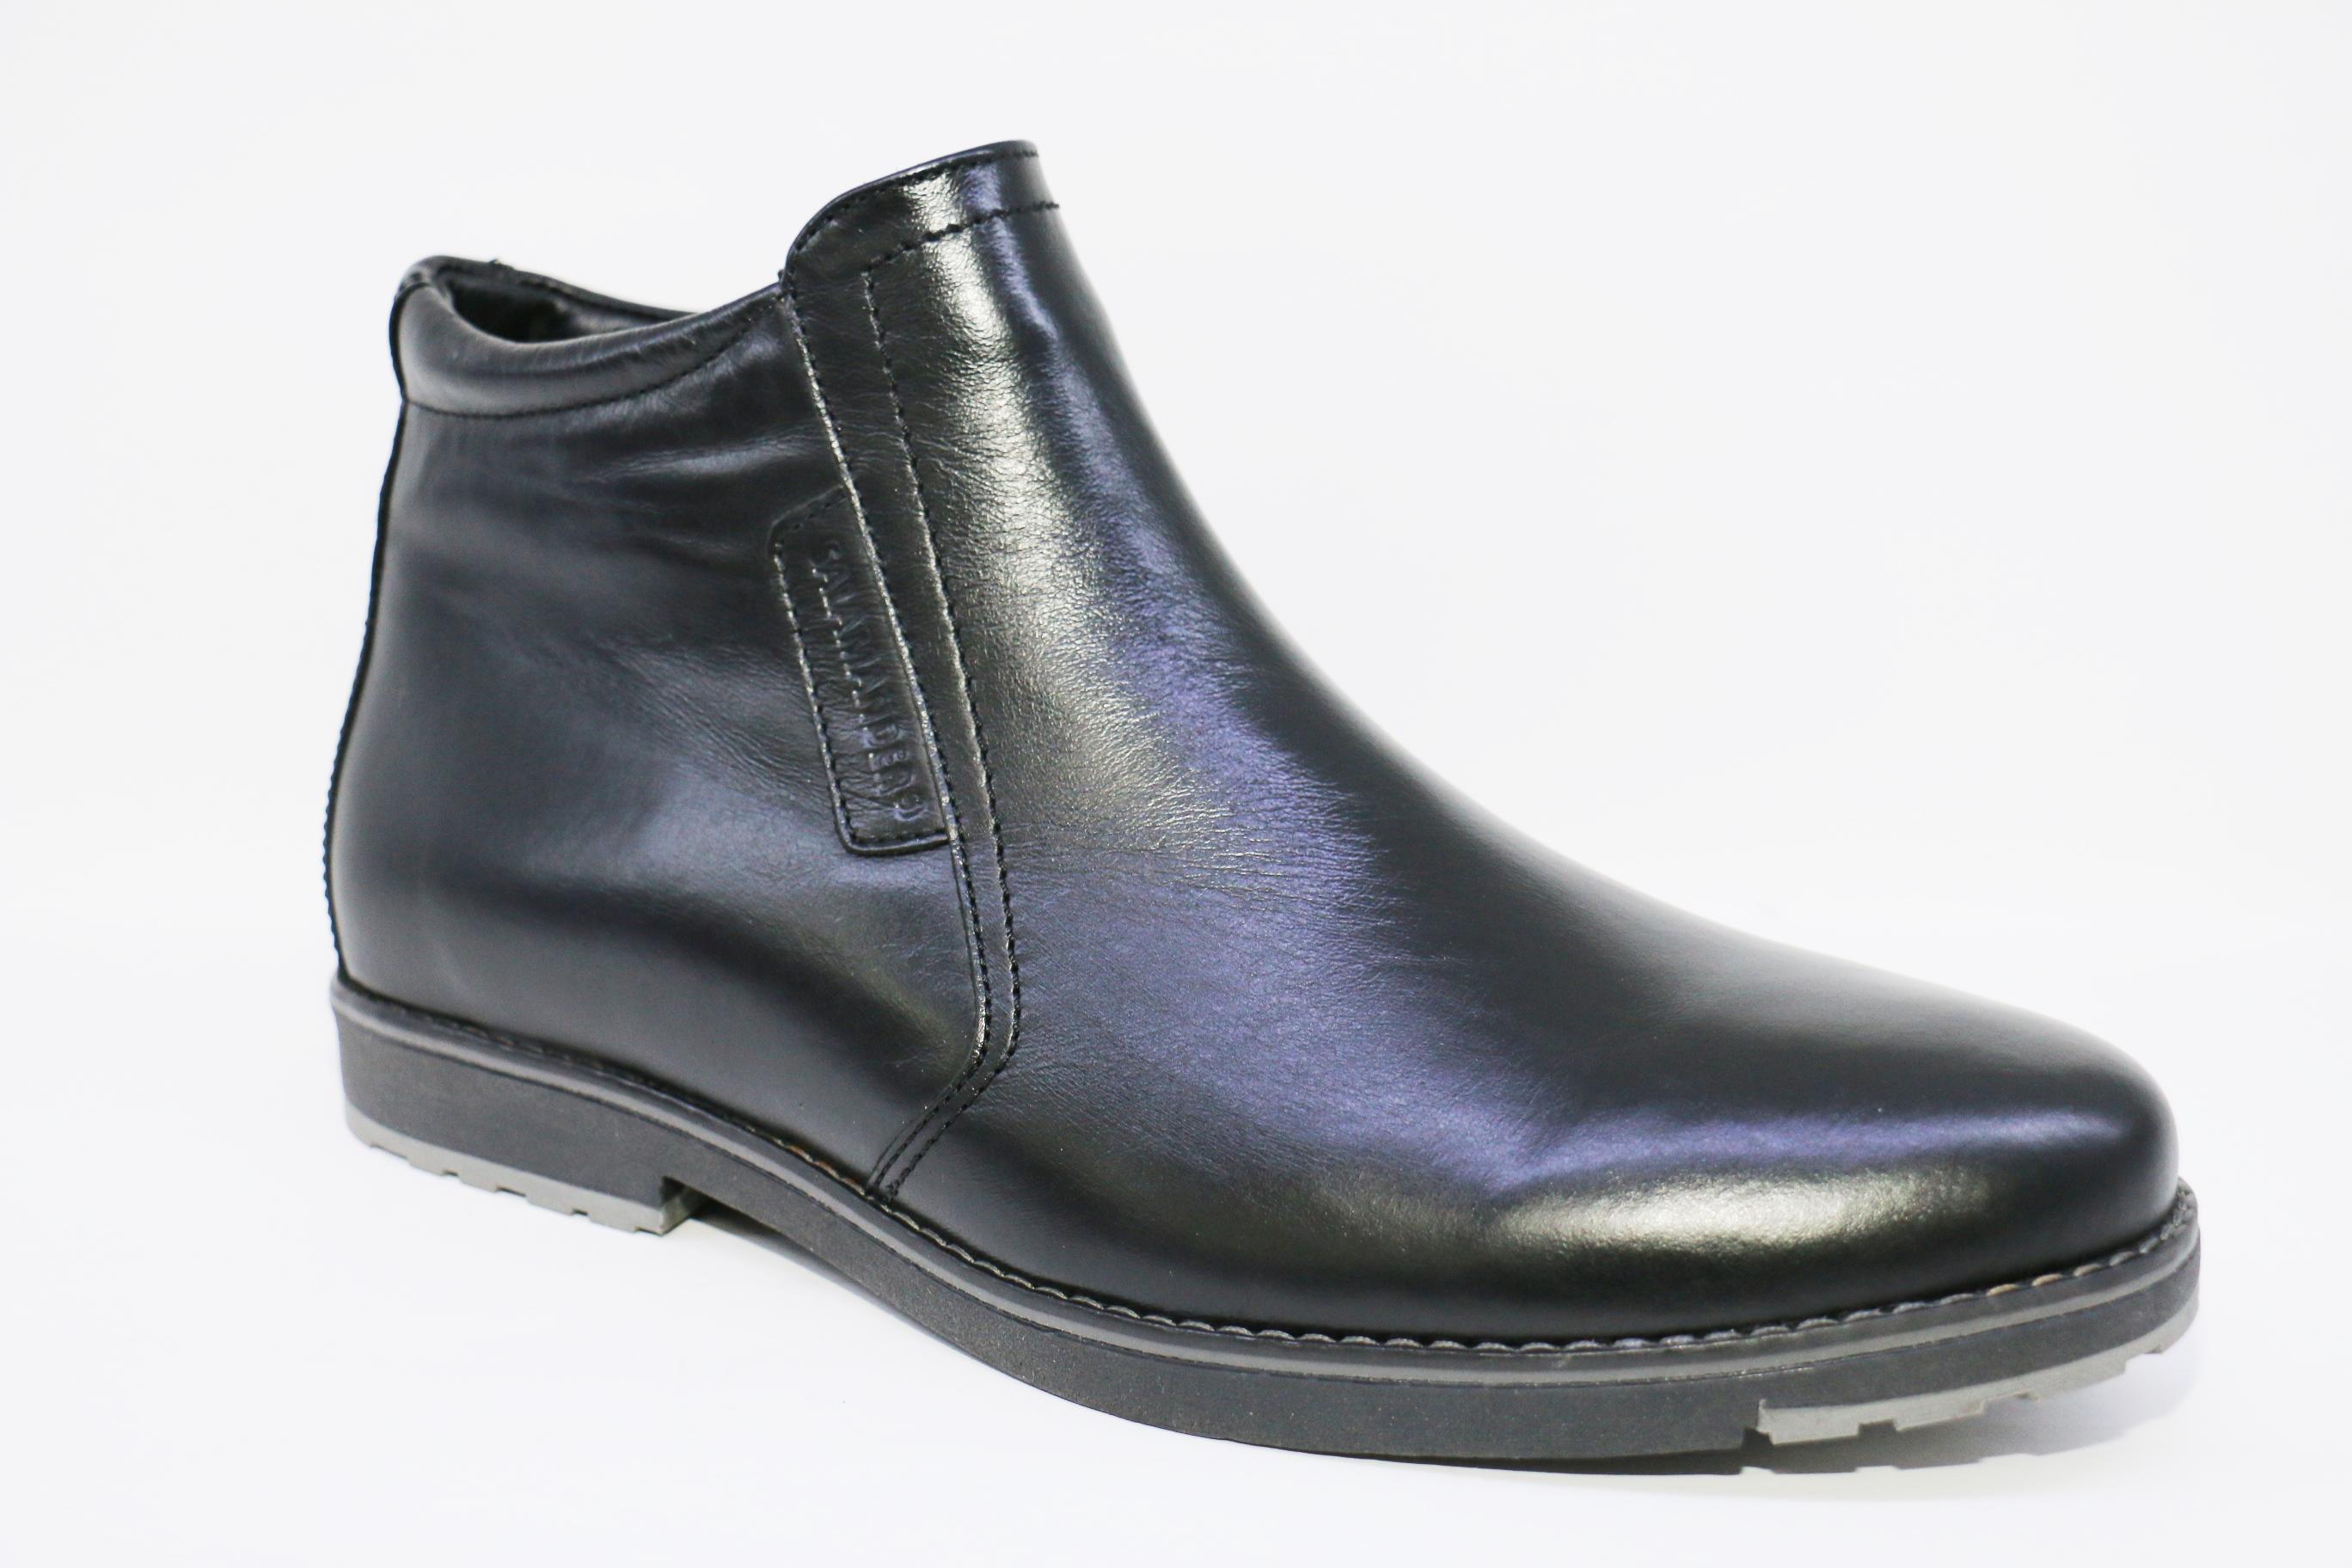 794dd0b81b46 Salamander   Обувь из Германии.Немецкая обувь.